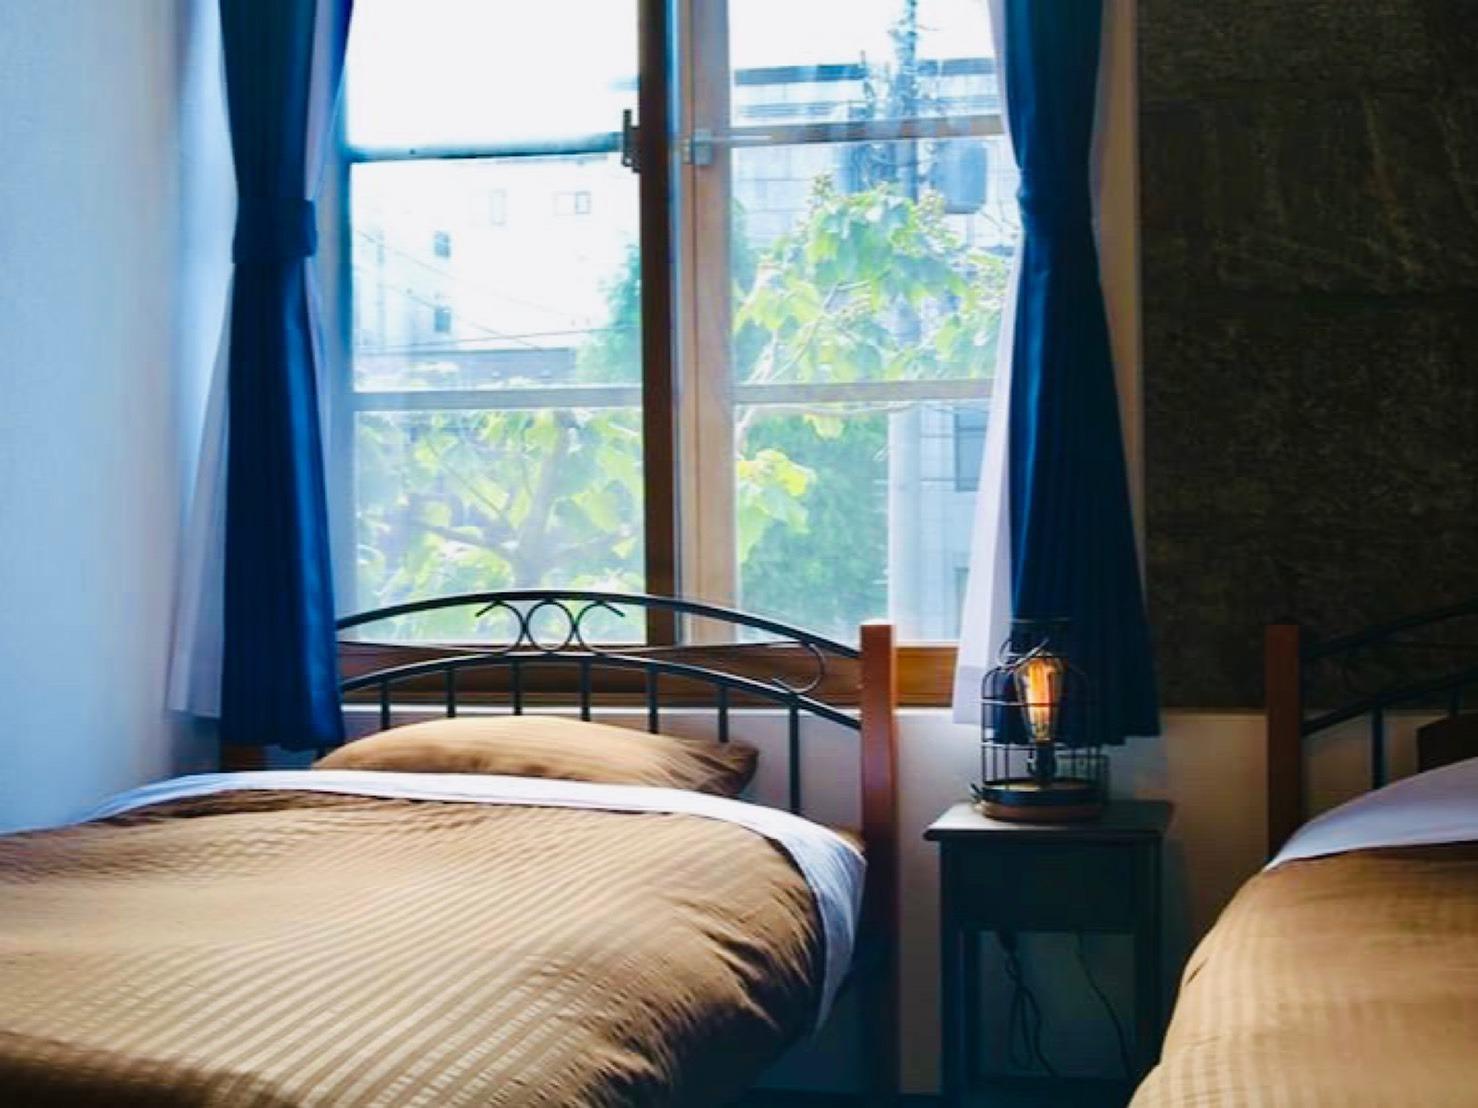 ツインのお部屋は優しい光が入りこみます。